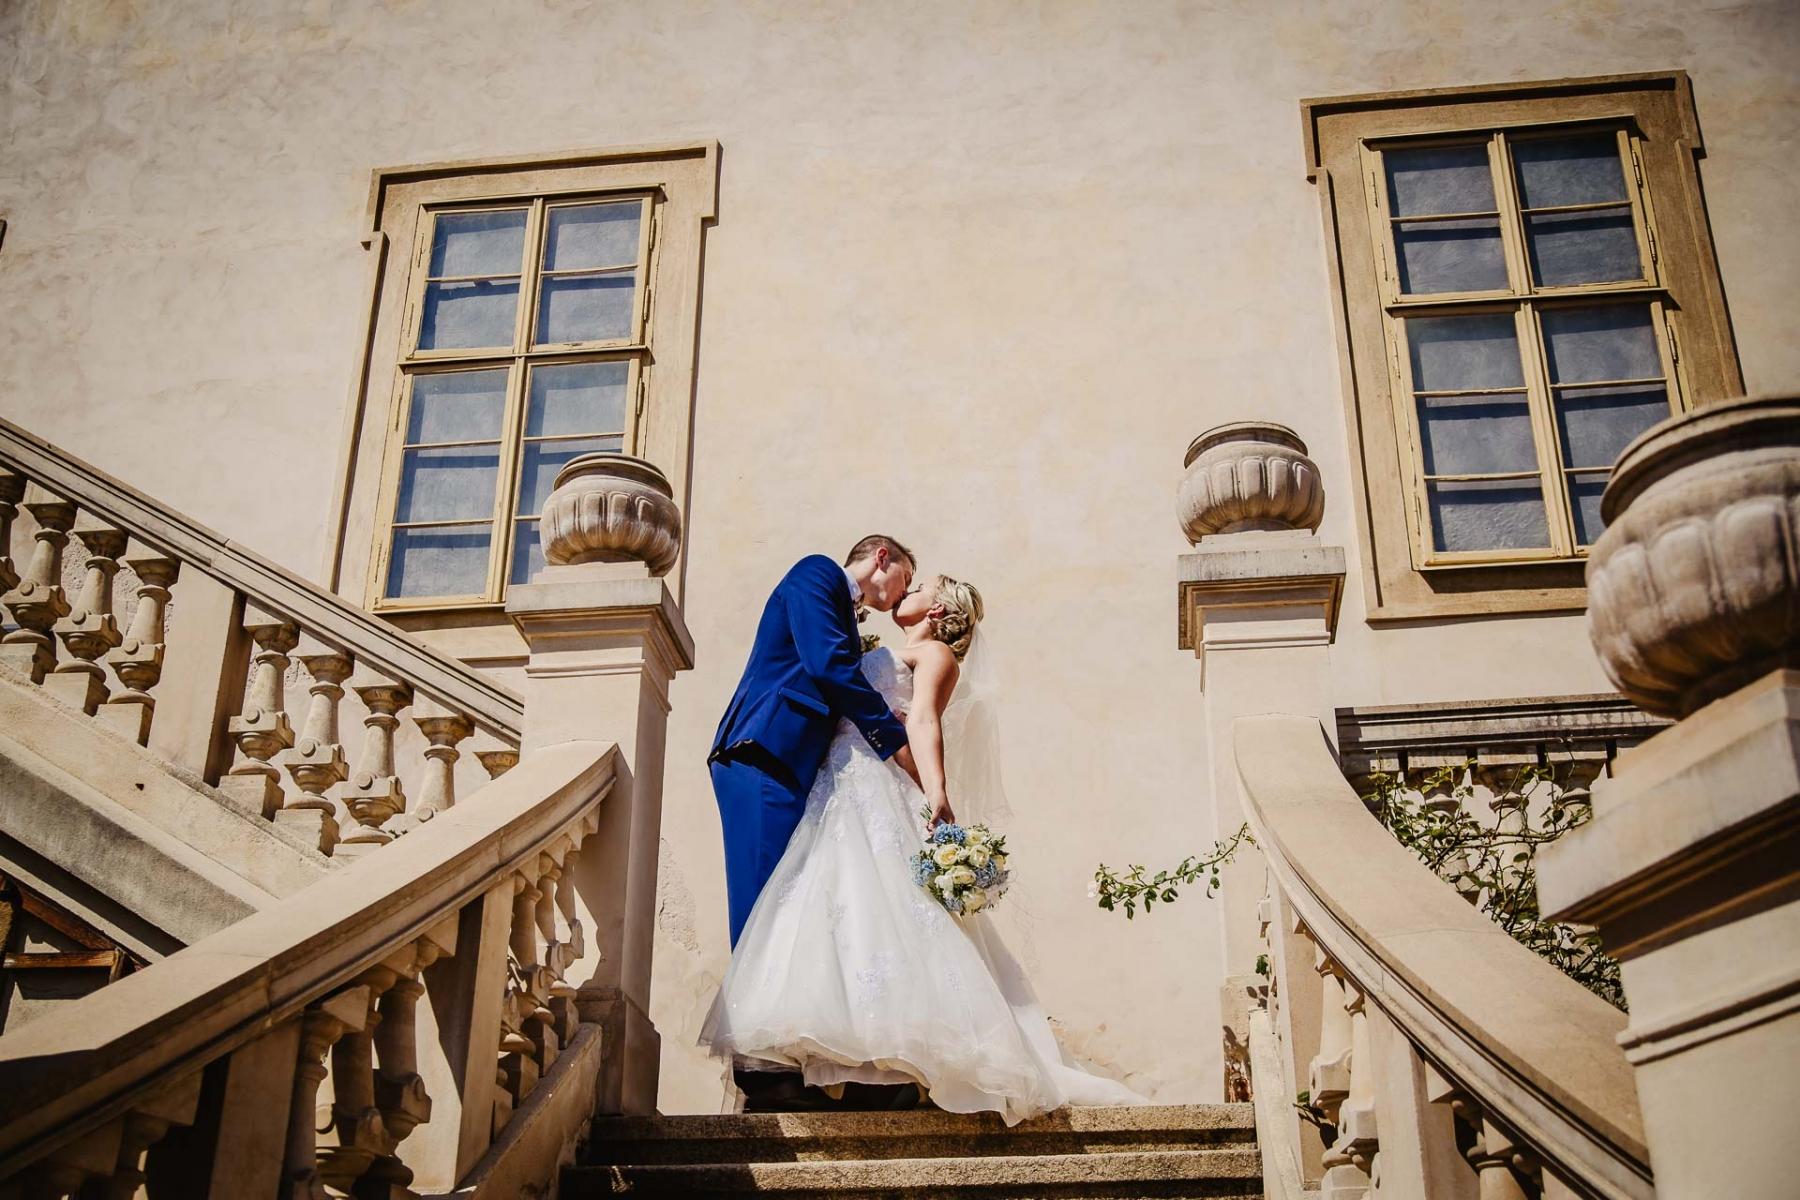 svatební fotograf zámek Mníšek pod Brdy, svatba na zámku, letní nejkrásnější zámecká svatba, Bára a Ondra-90